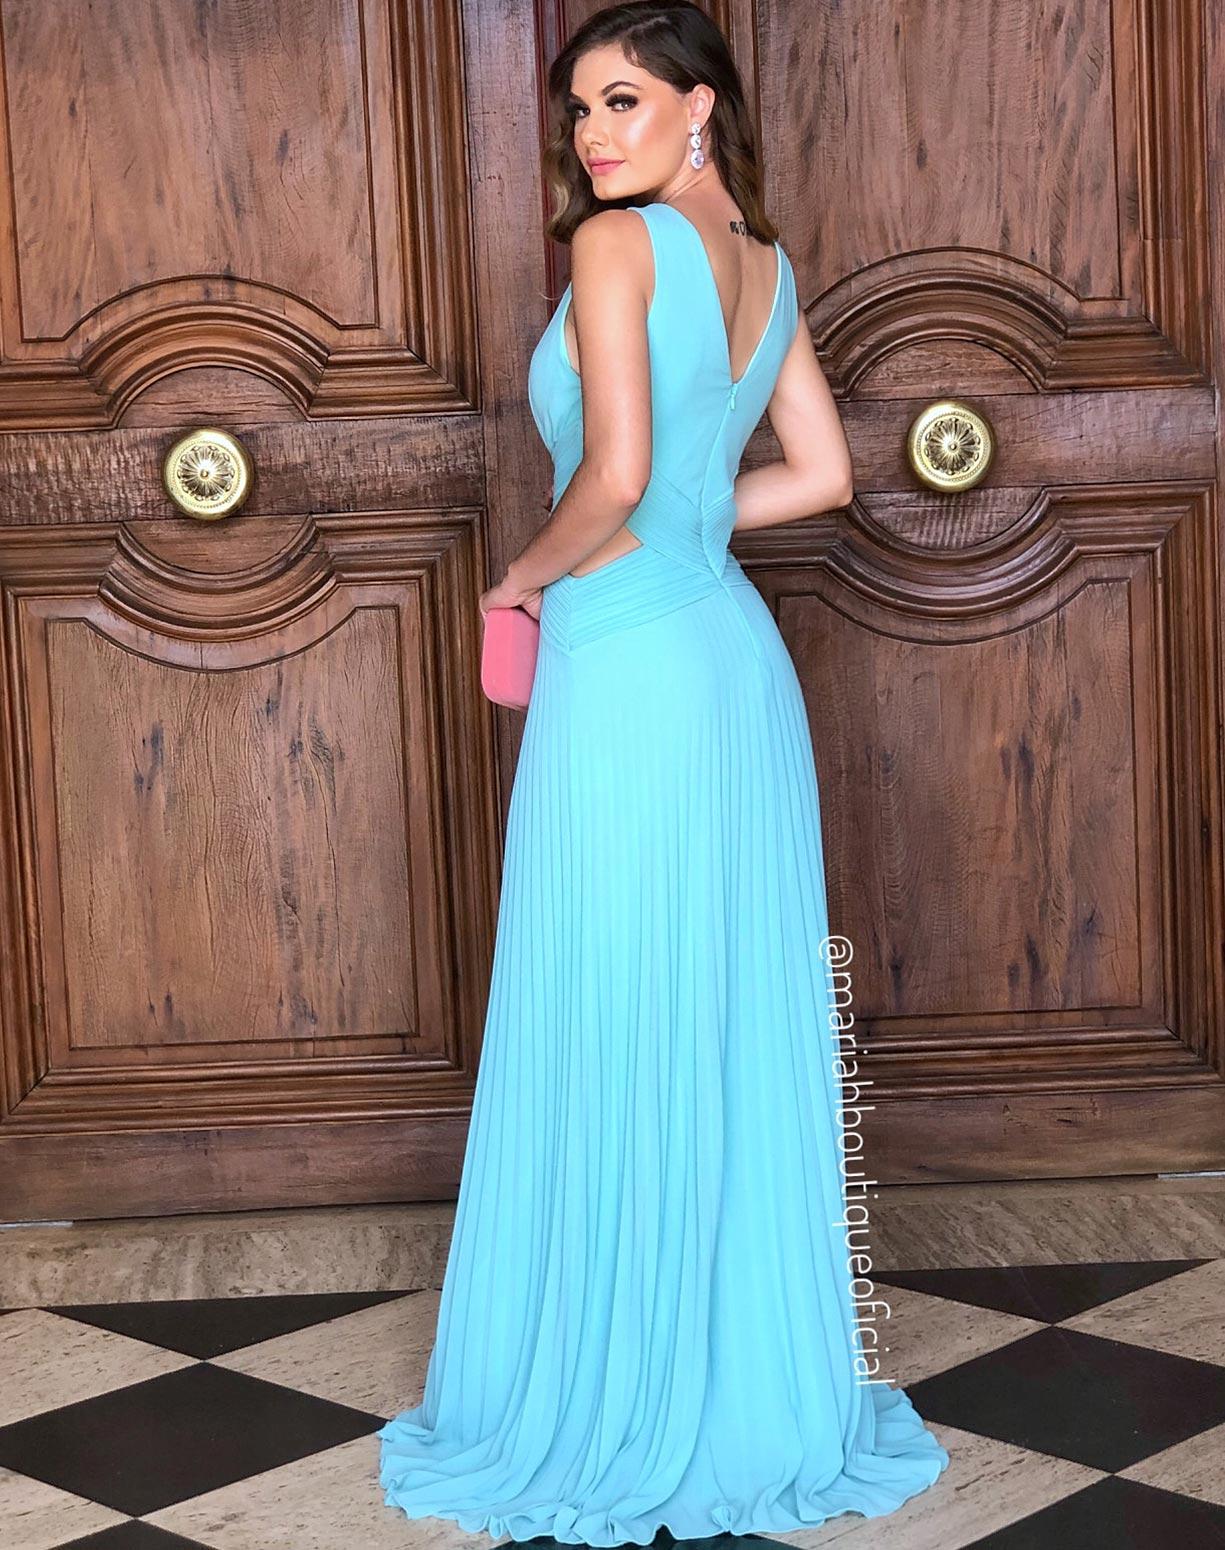 Vestido Tiffany Com Saia Plissada